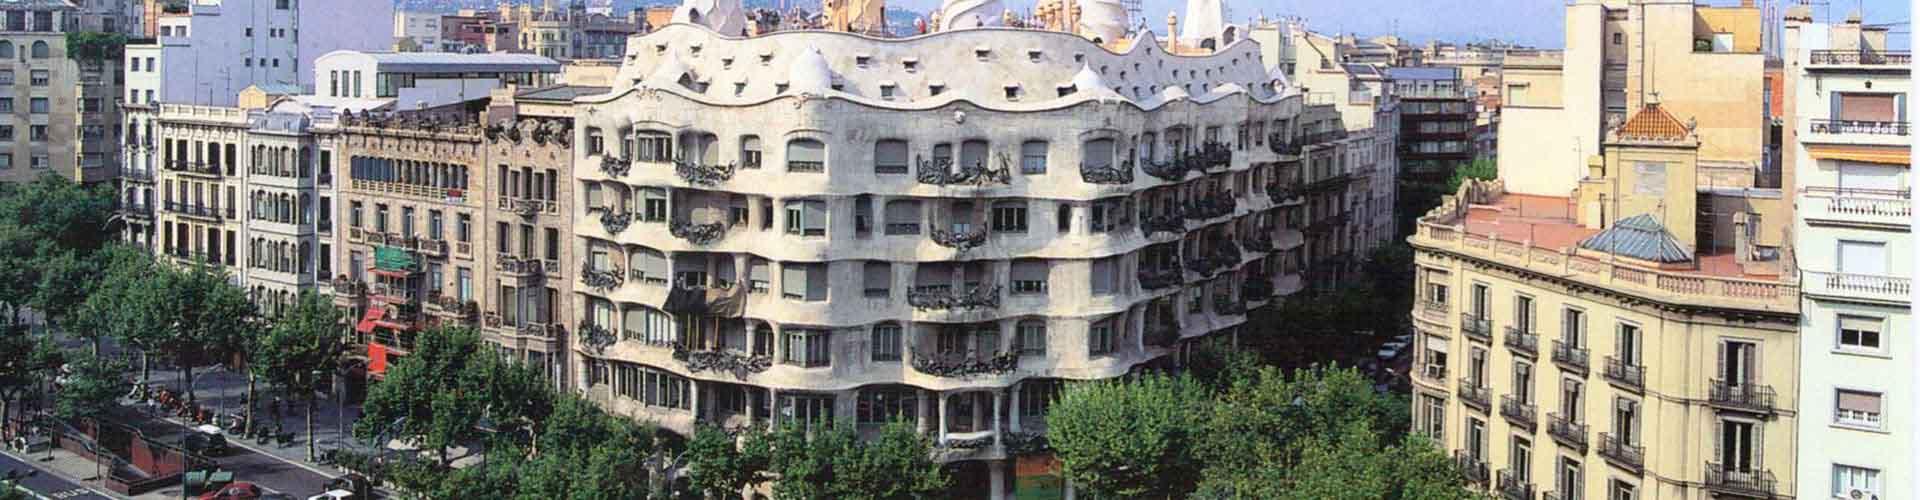 바르셀로나 - 까사 밀라에 가까운 호스텔. 바르셀로나의 지도, 바르셀로나에 위치한 호스텔에 대한 사진 및 리뷰.